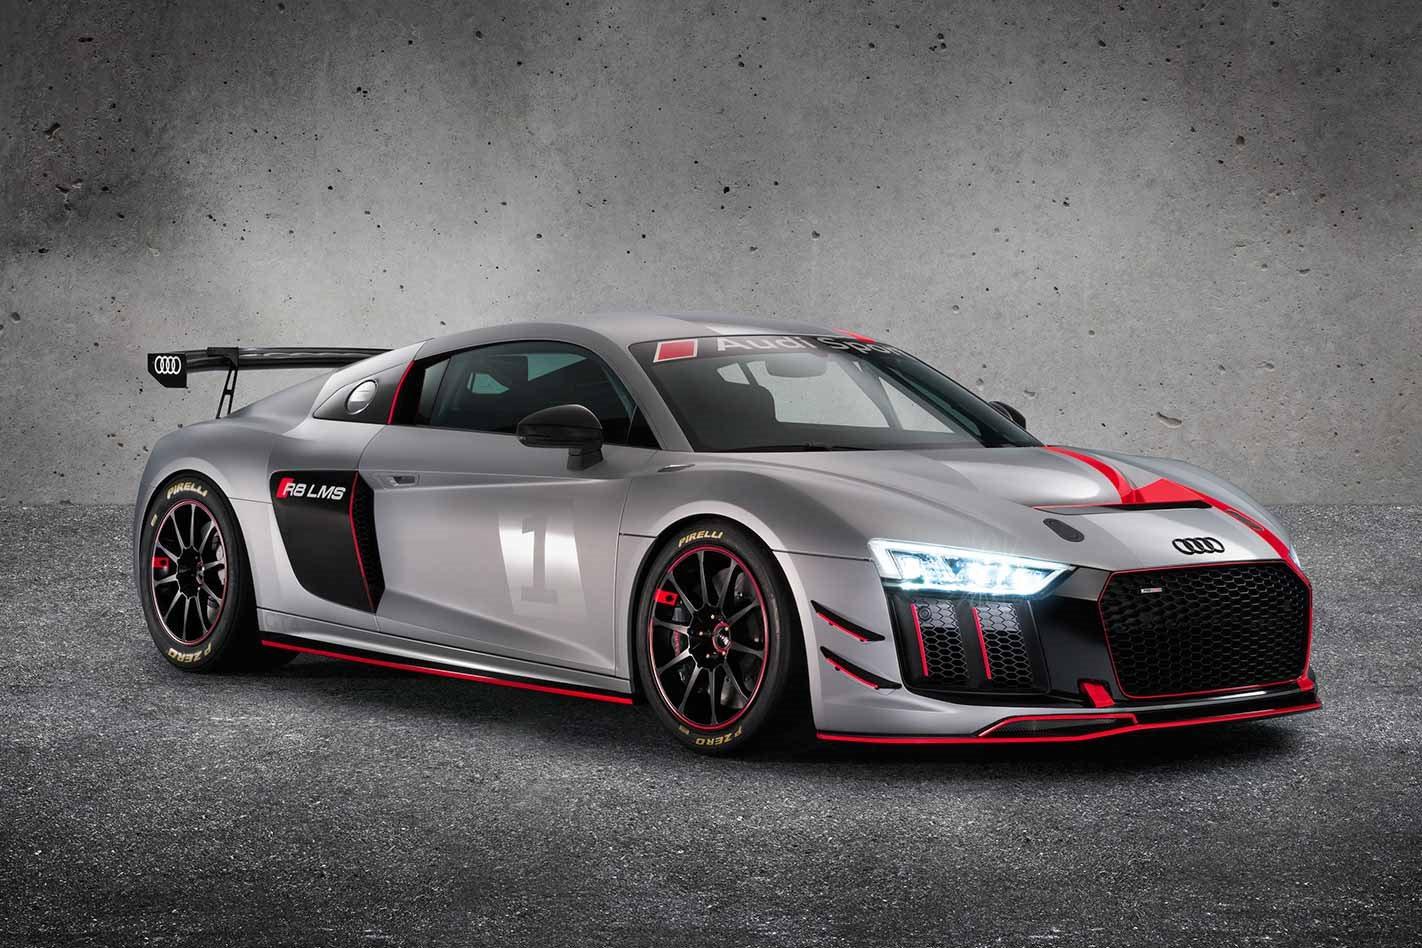 2018 Audi R8 LMS GT4 front